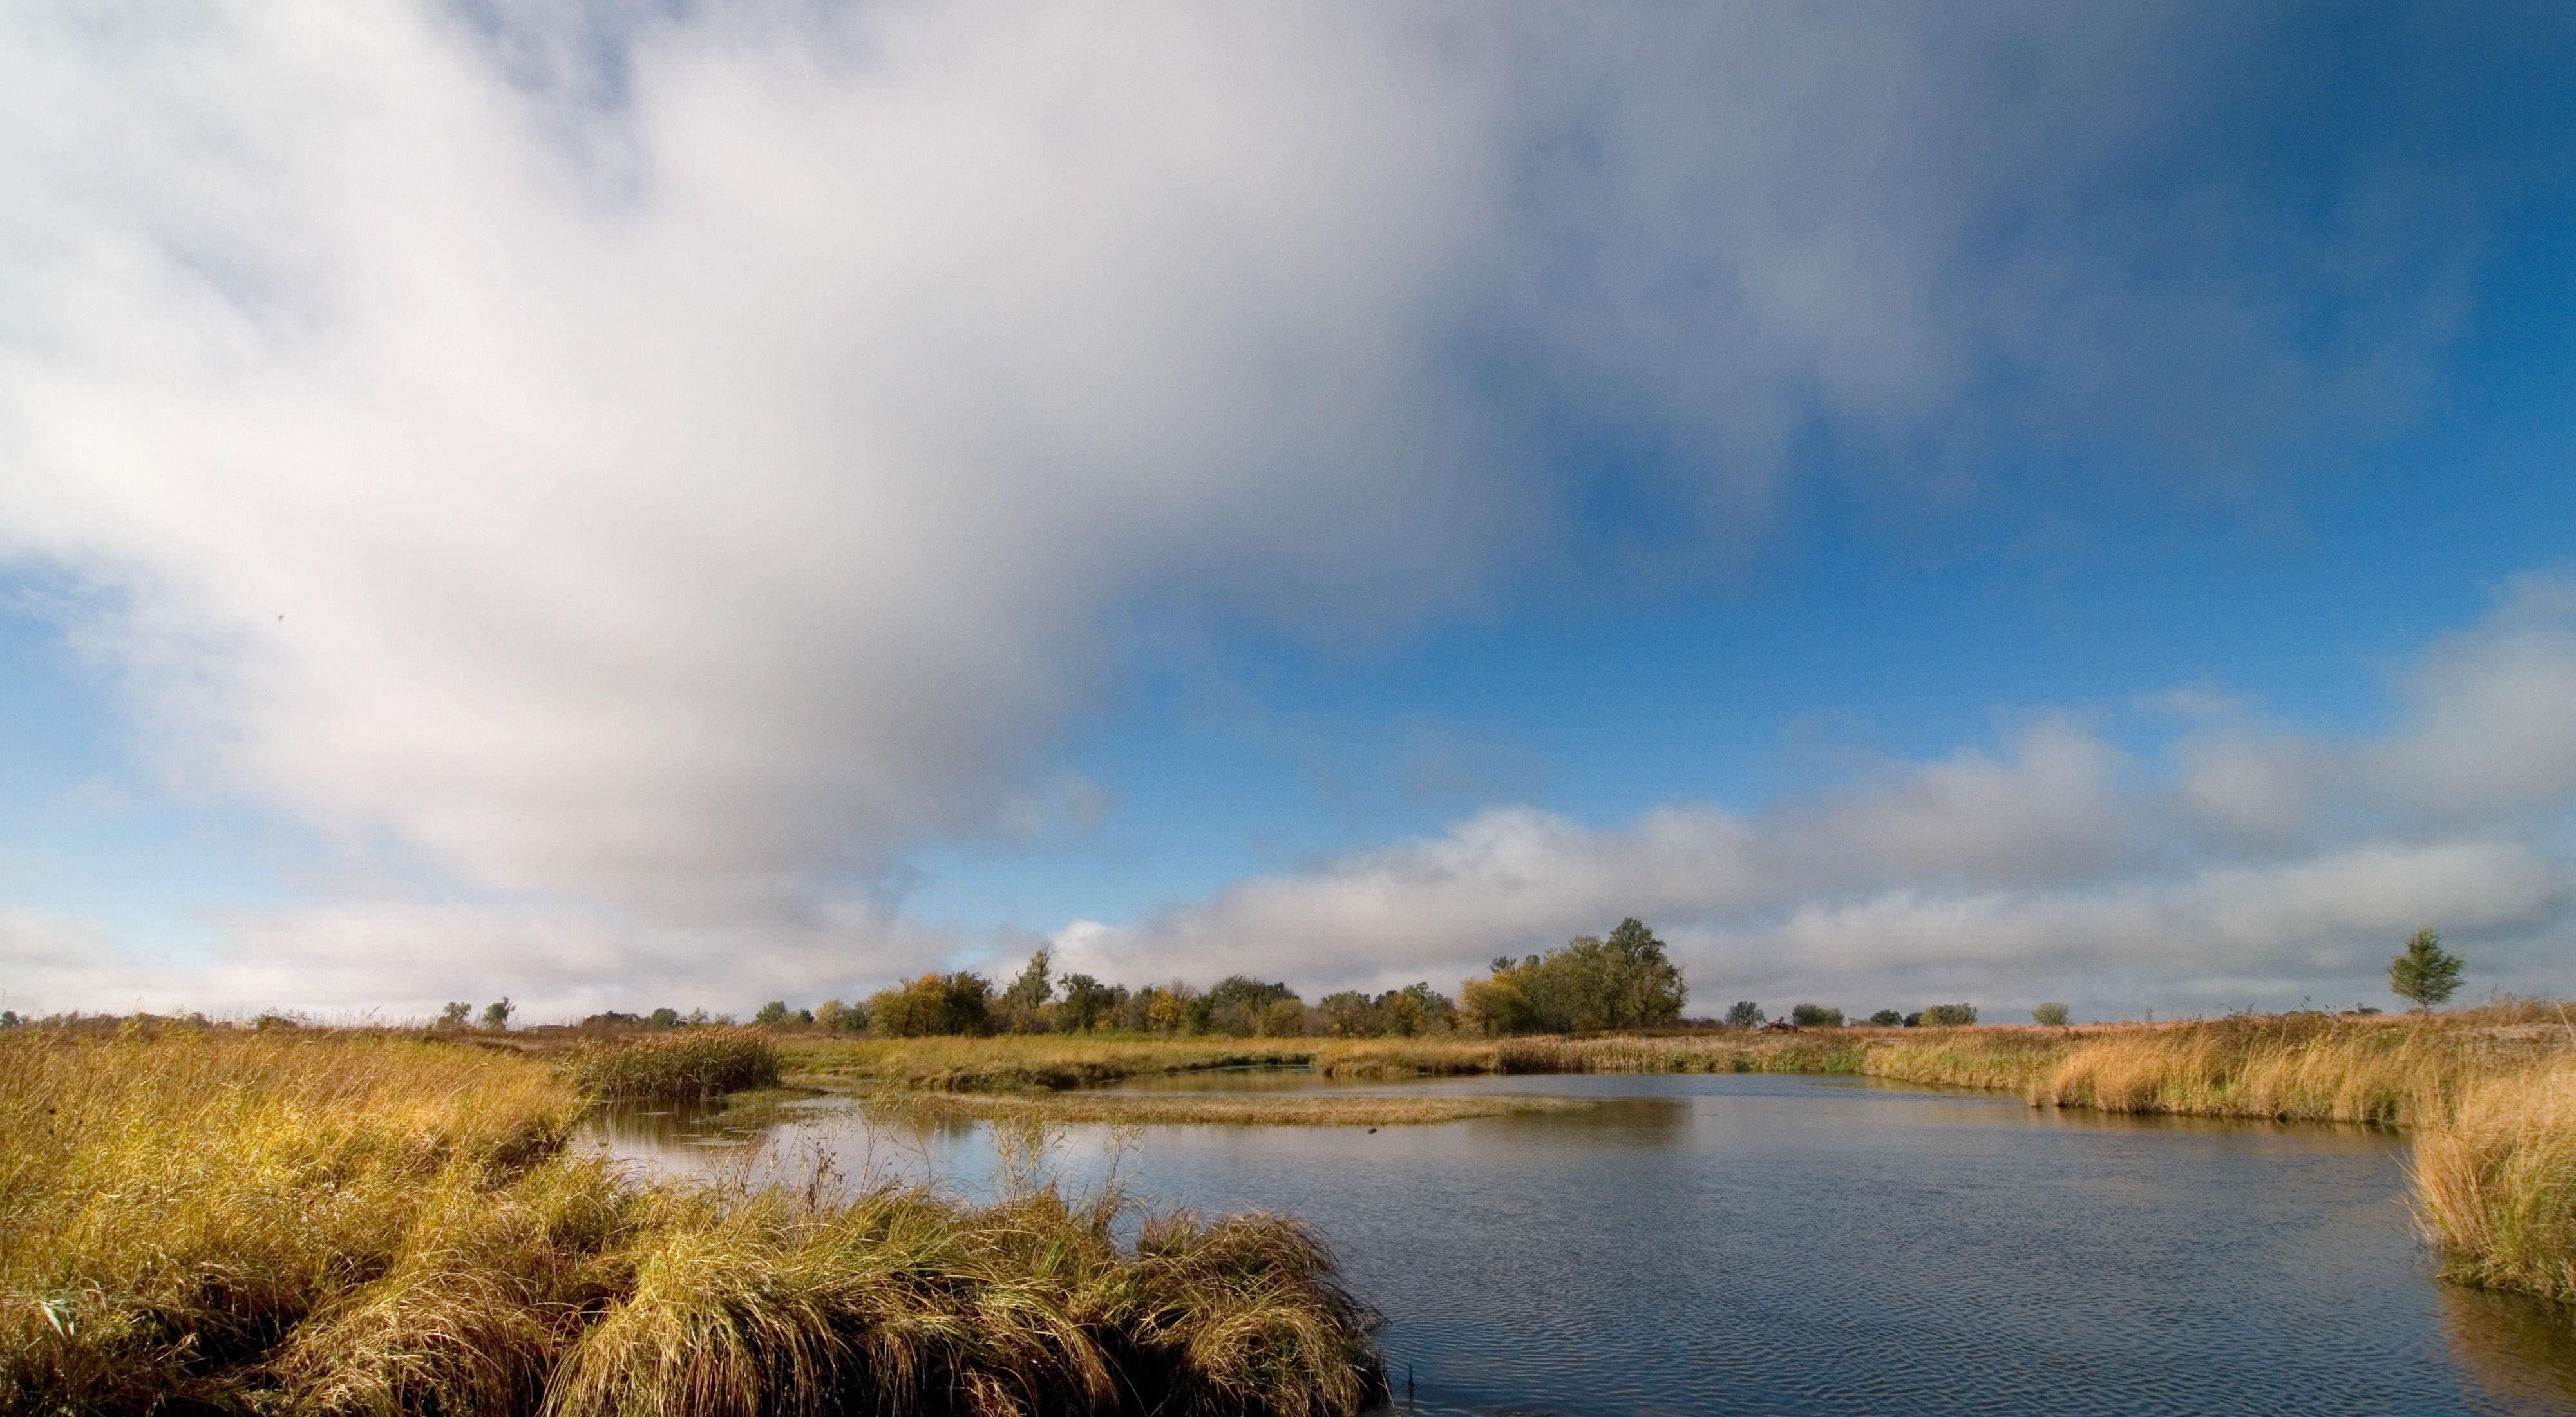 wetland area along the Platte River basin in Nebraska.